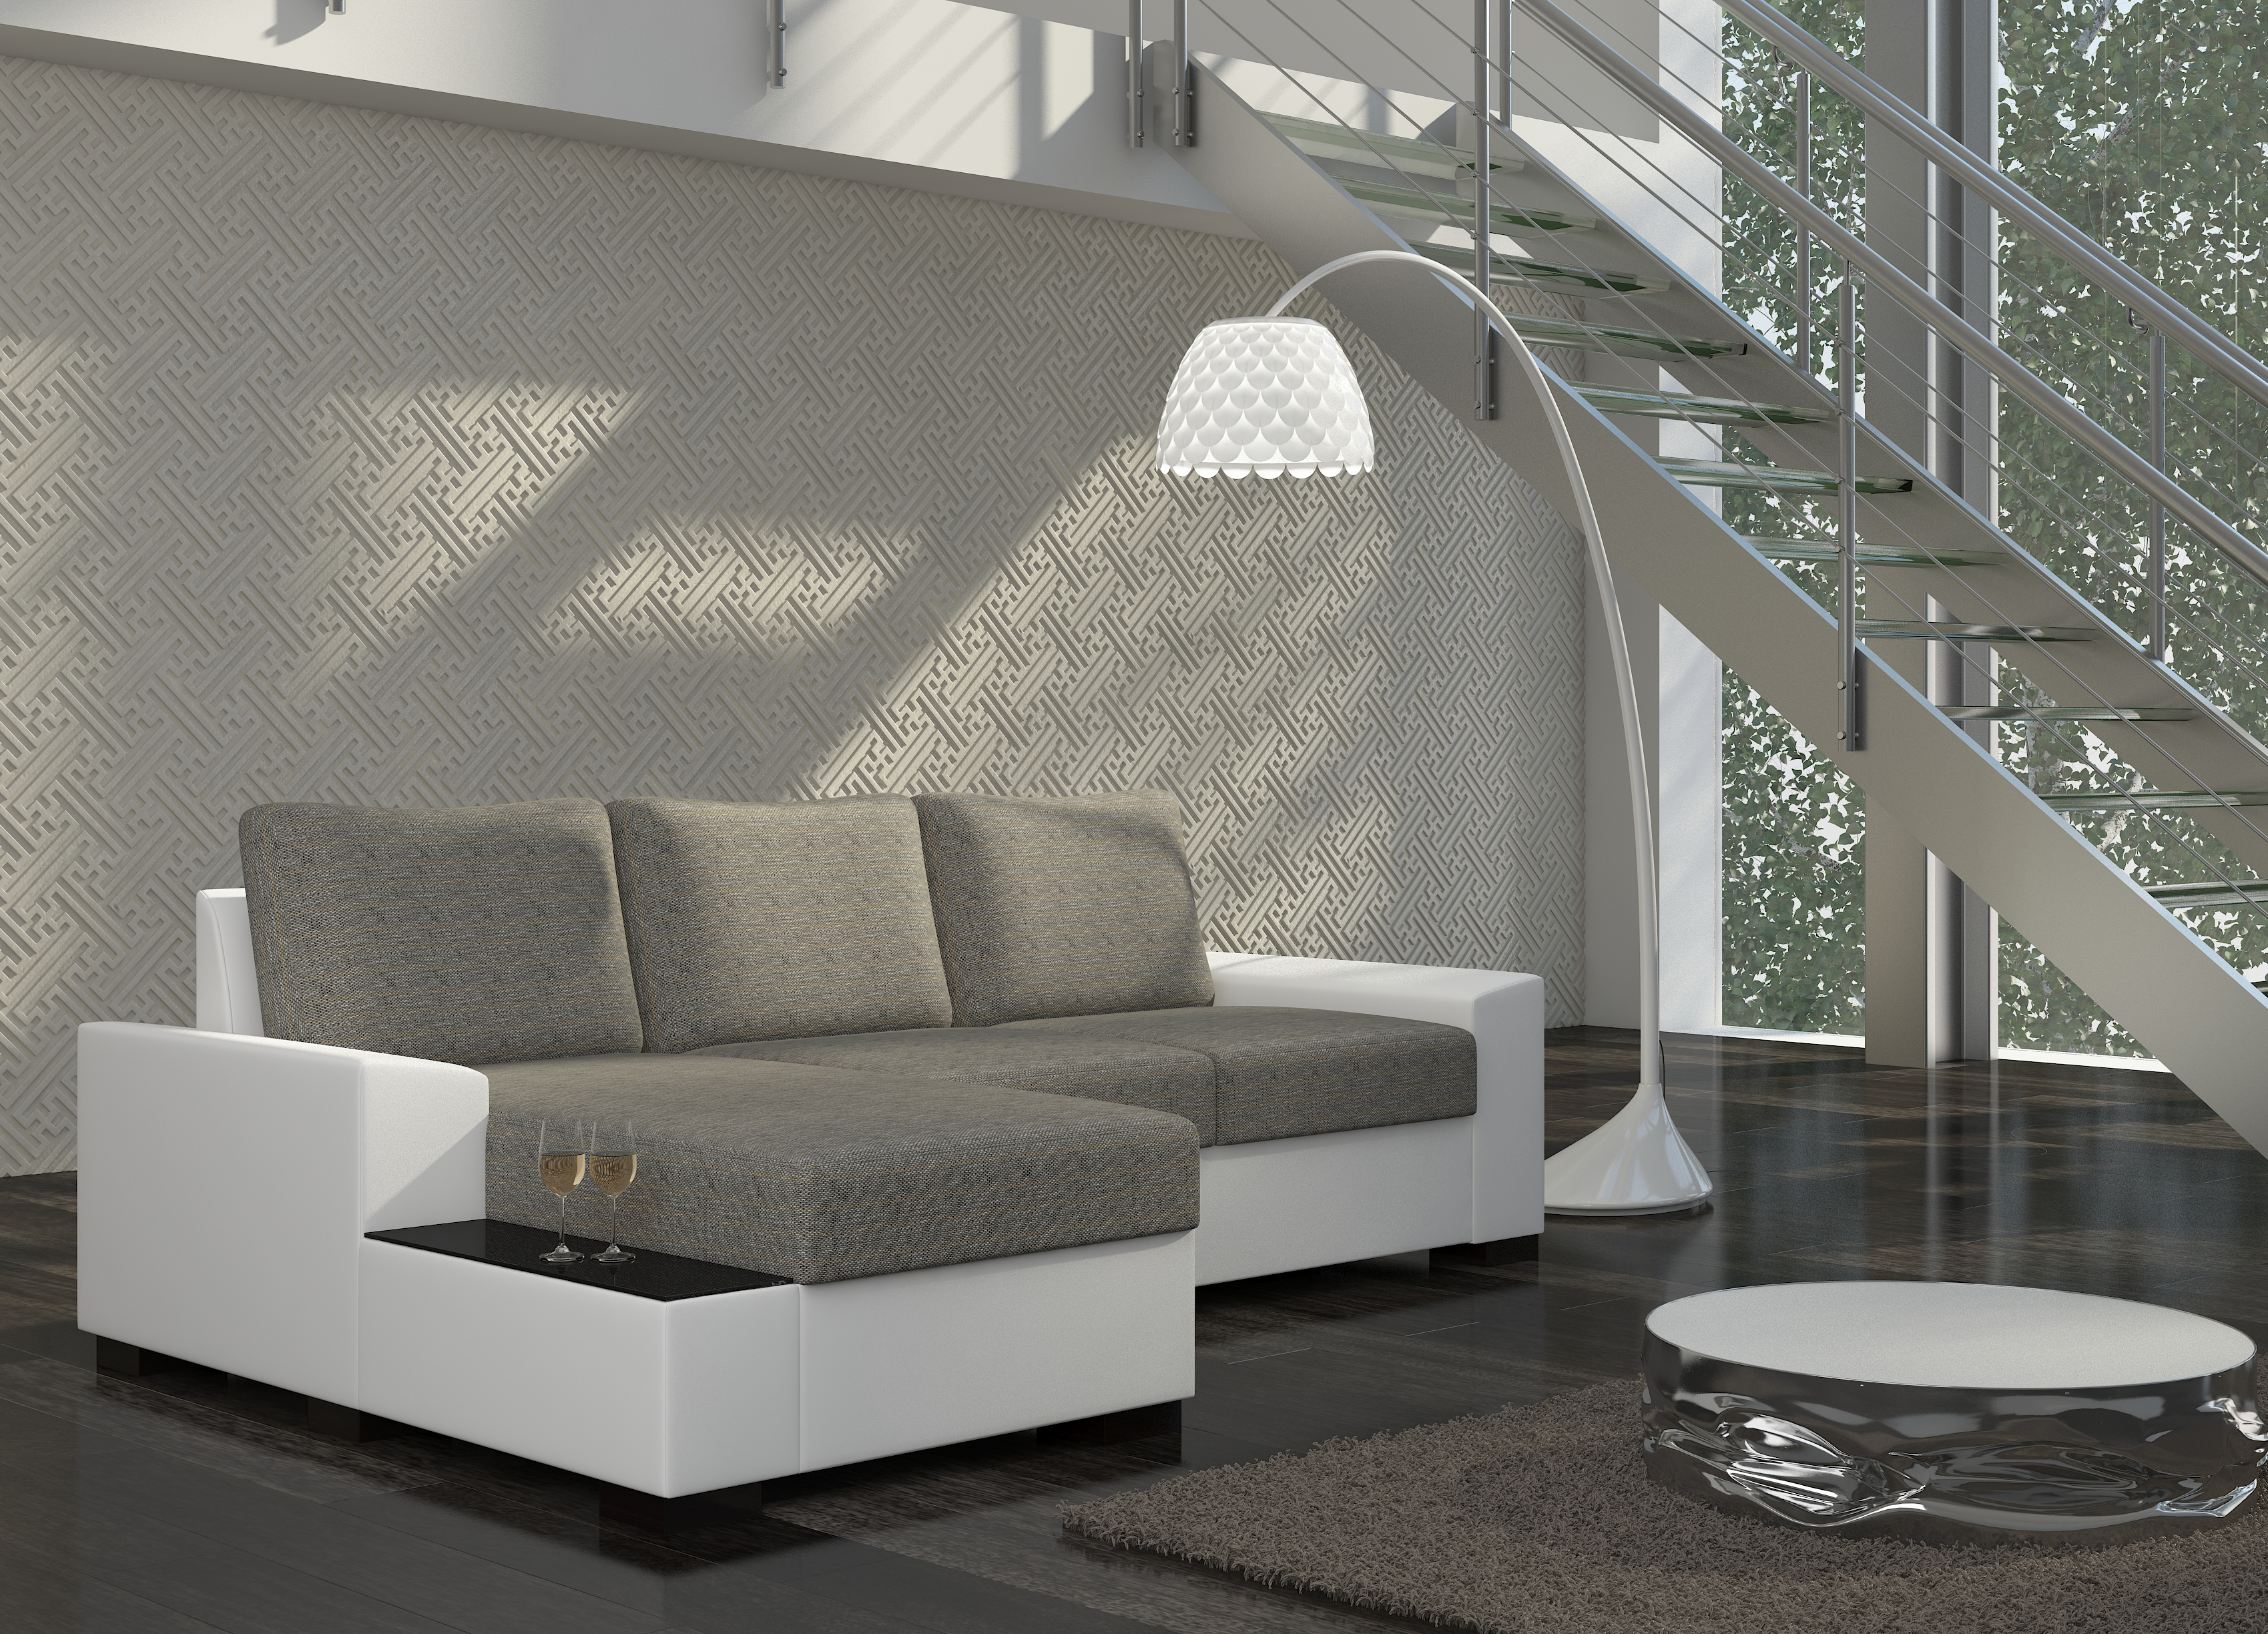 Rohová sedačka LORAND, levá, šedá látka/bílá ekokůže